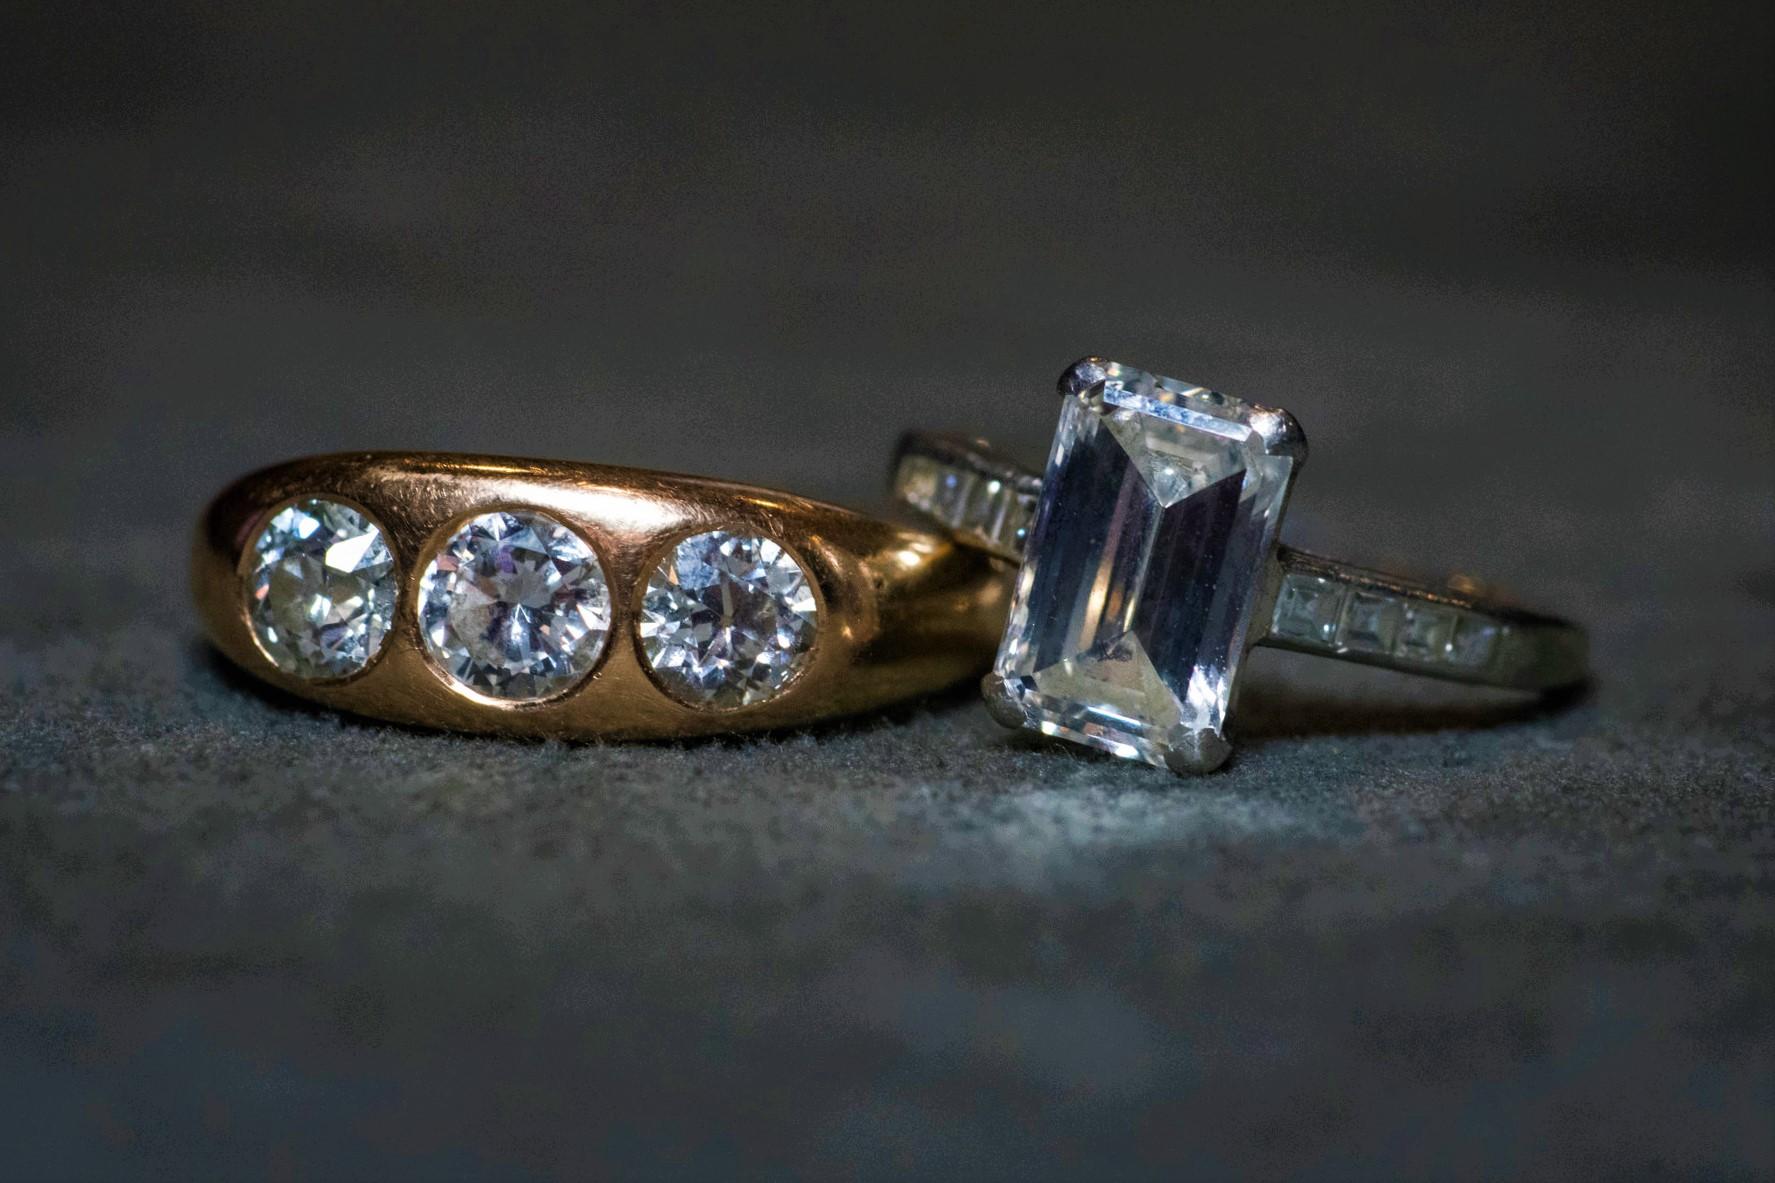 Продать кольцо с бриллиантом: выкуп на выгодных условиях